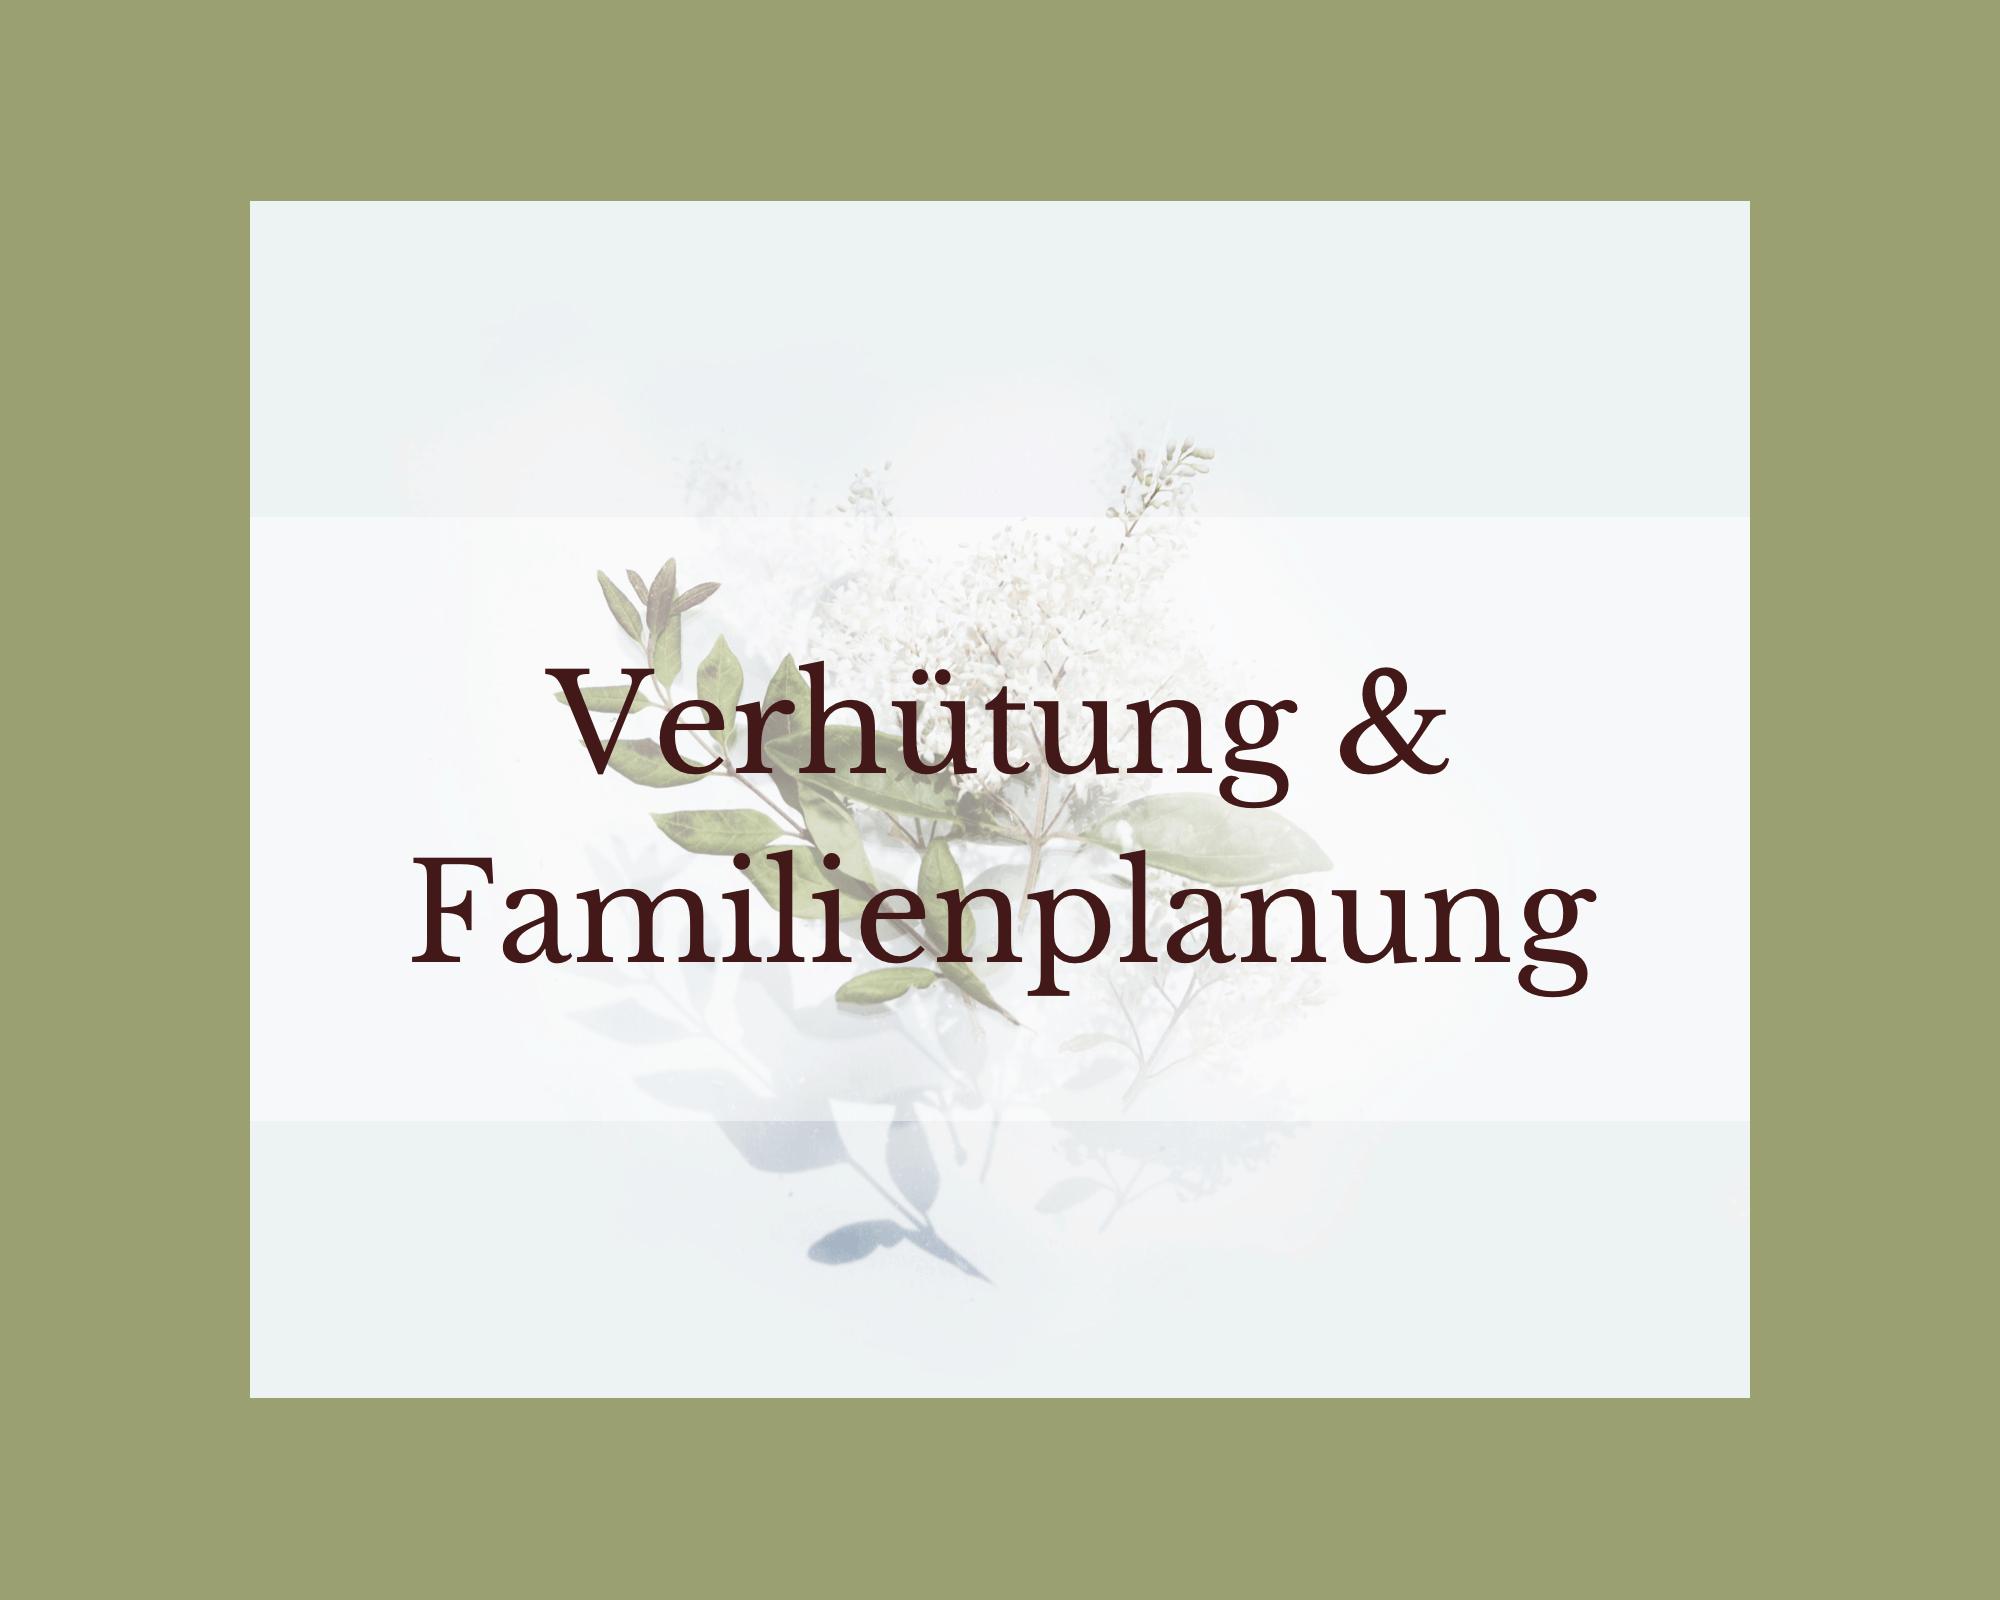 Verhütung und Familienplanung